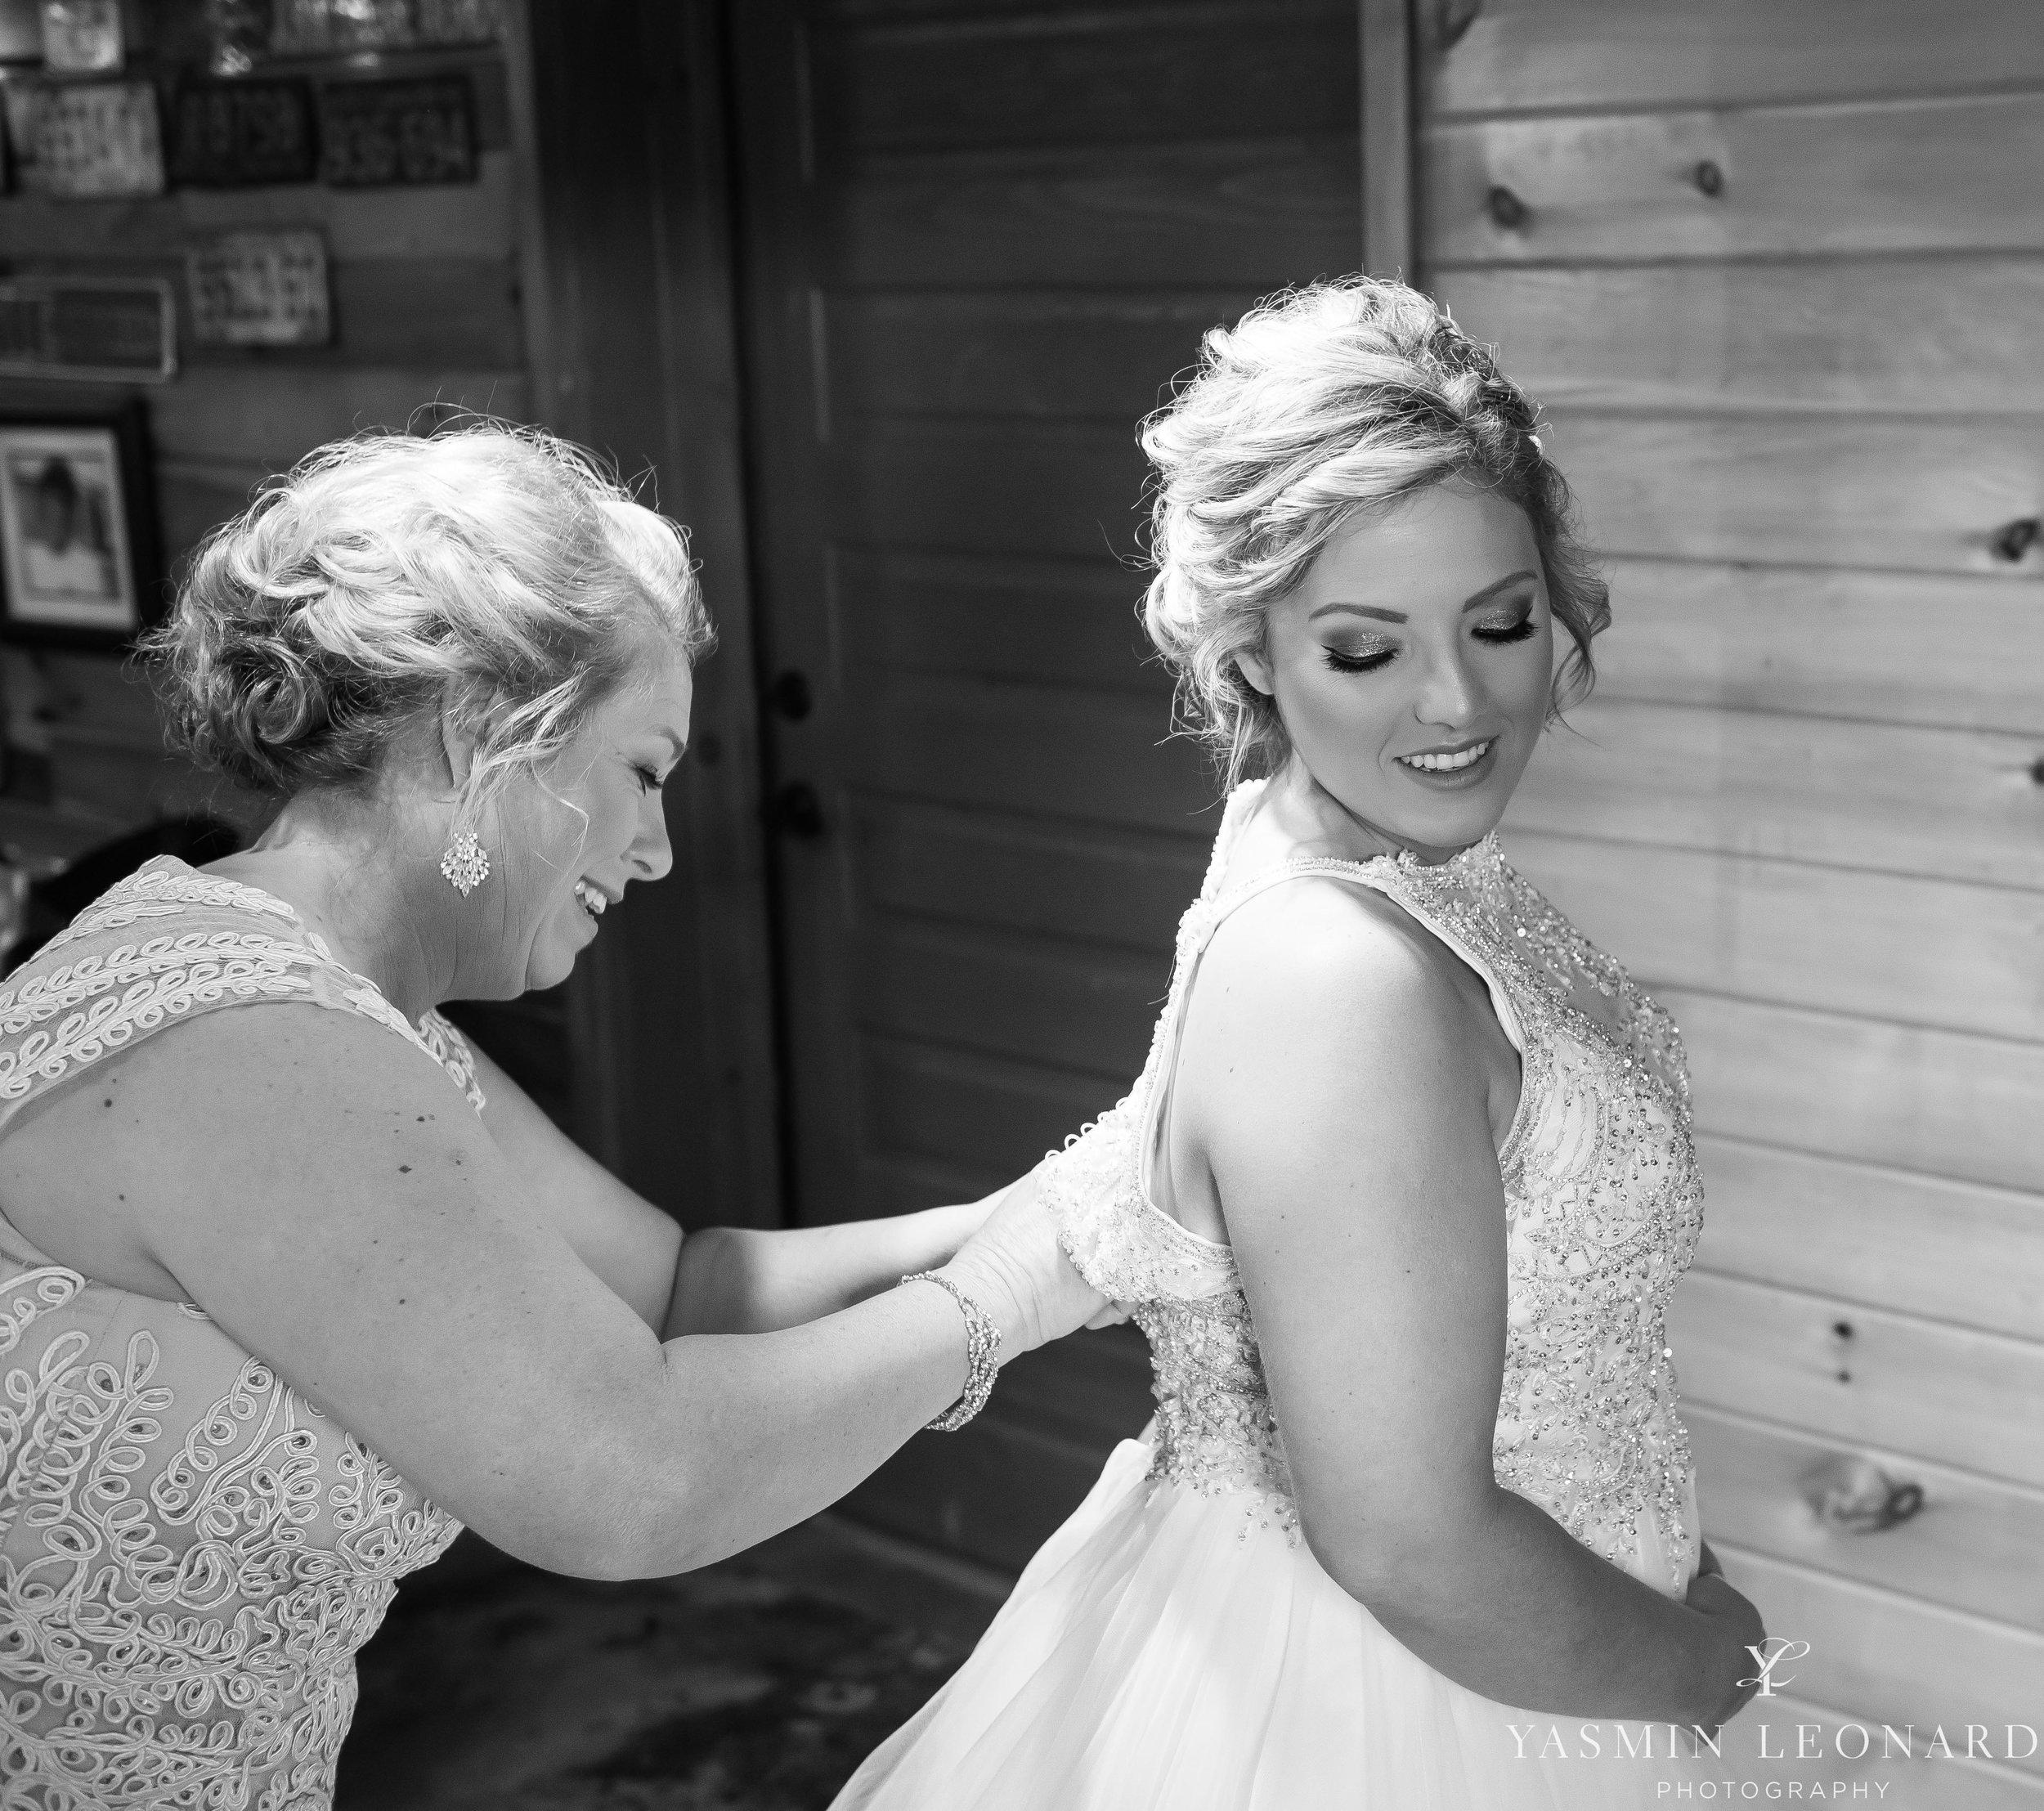 Millikan Farms - Millikan Farms Wedding - Sophia NC Wedding - NC Wedding - NC Wedding Photographer - Yasmin Leonard Photography - High Point Photographer - Barn Wedding - Wedding Venues in NC - Triad Wedding Photographer-13.jpg